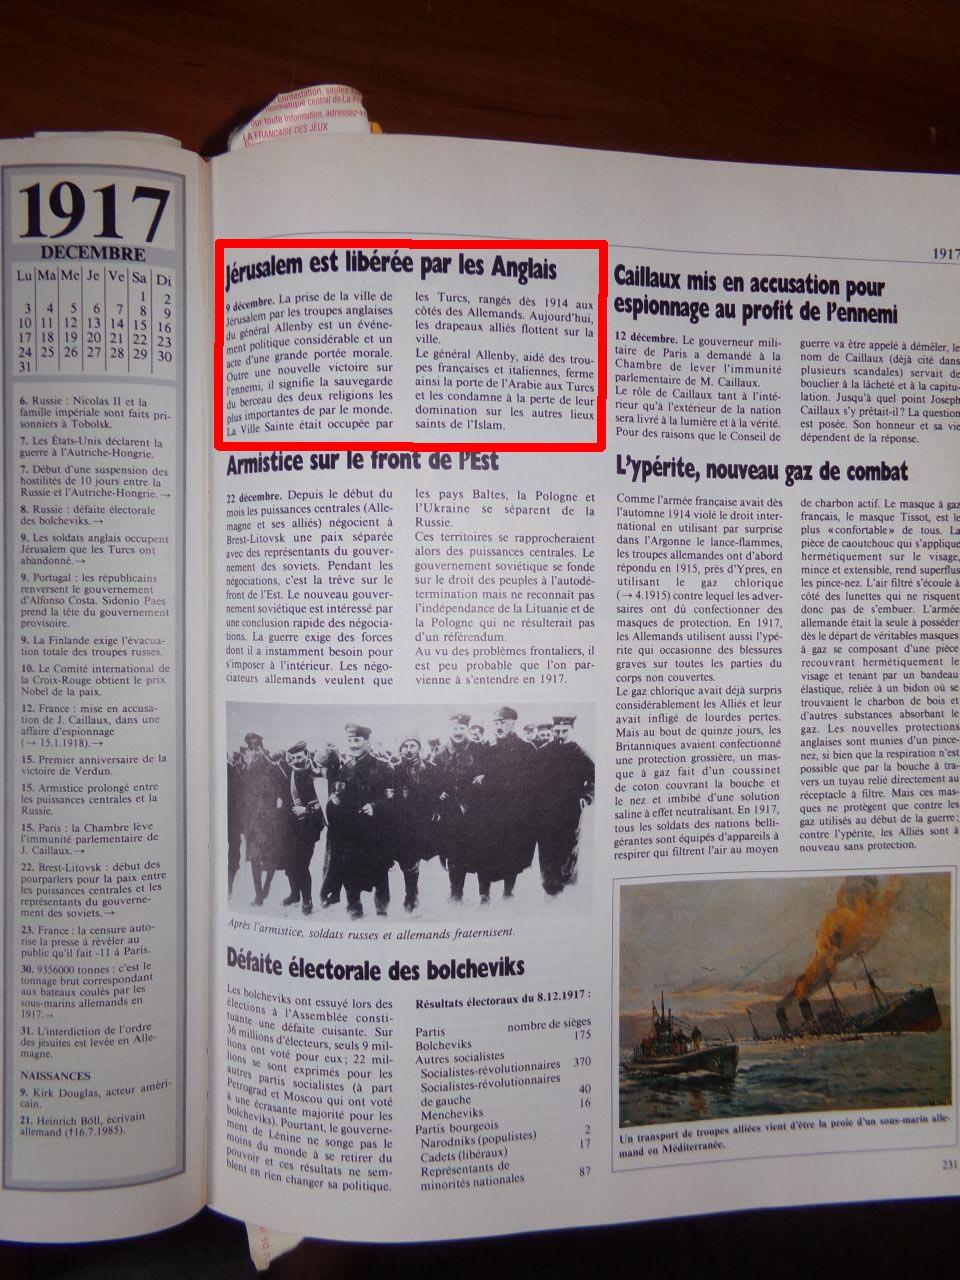 Un peu d'Histoire ...  L'origine de la création de l'état d'israël, 1947 ou 19° siècle ?  Chroniquedu20esiecle-05